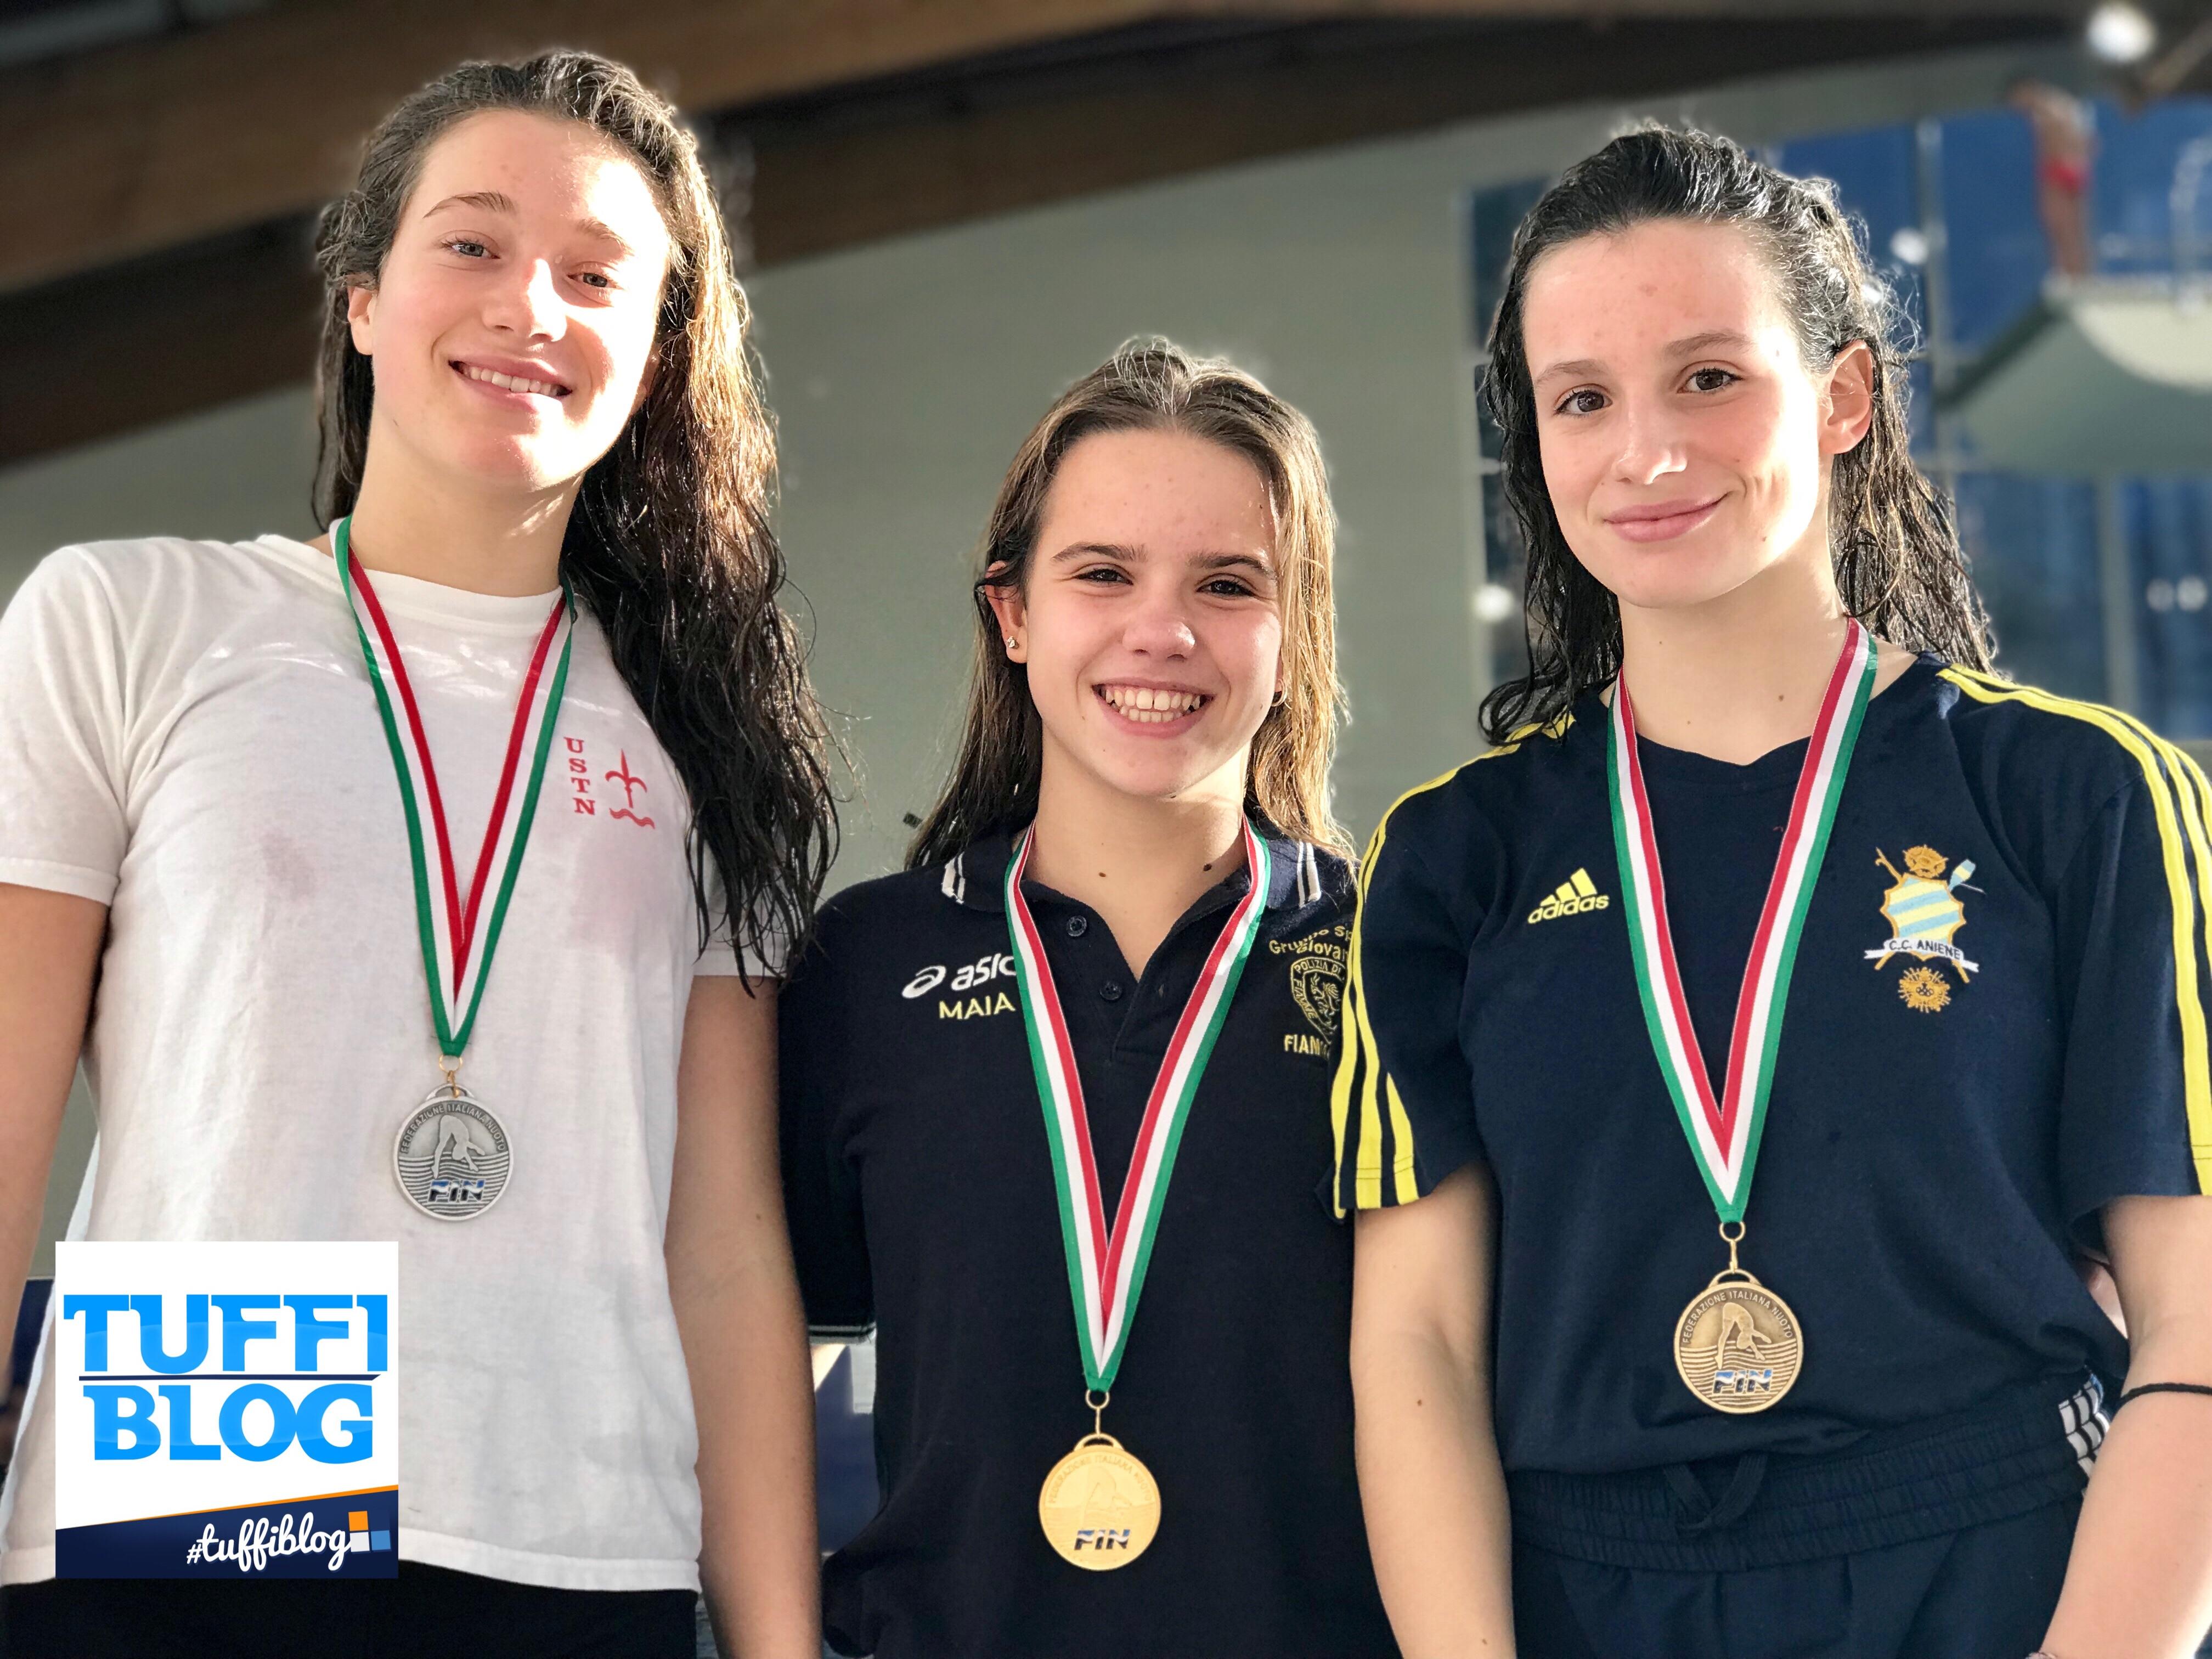 Trofeo di Natale: Bolzano - Semeria e Biginelli in cima al podio!